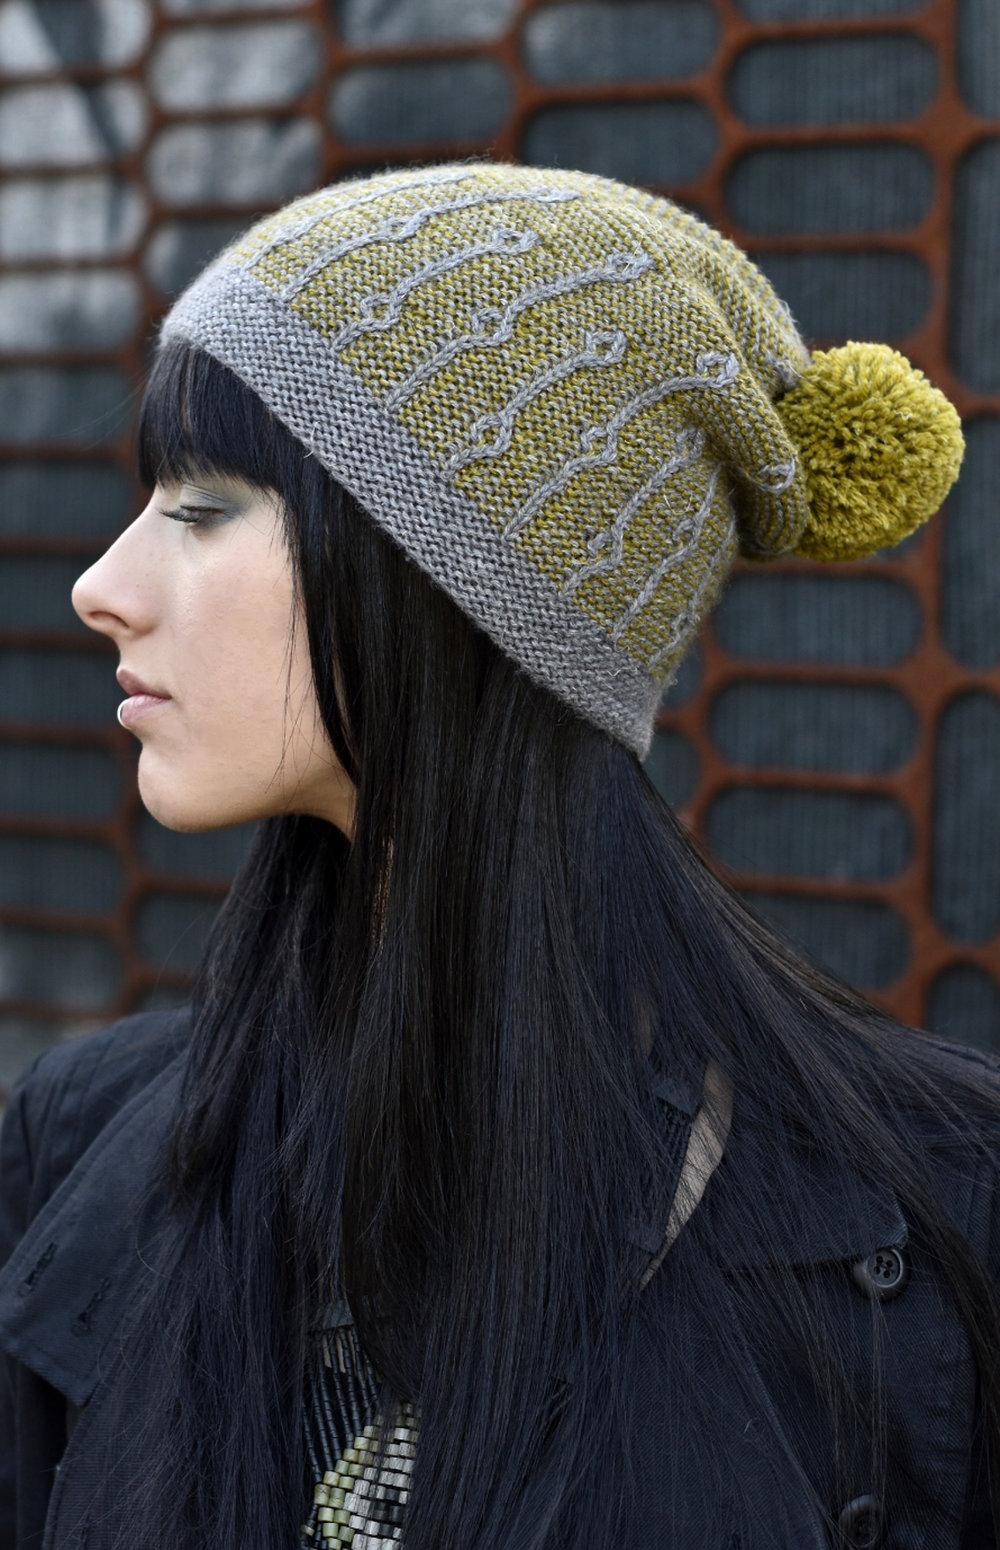 Joyce slouchy slipped stitch Hat hand knitting pattern